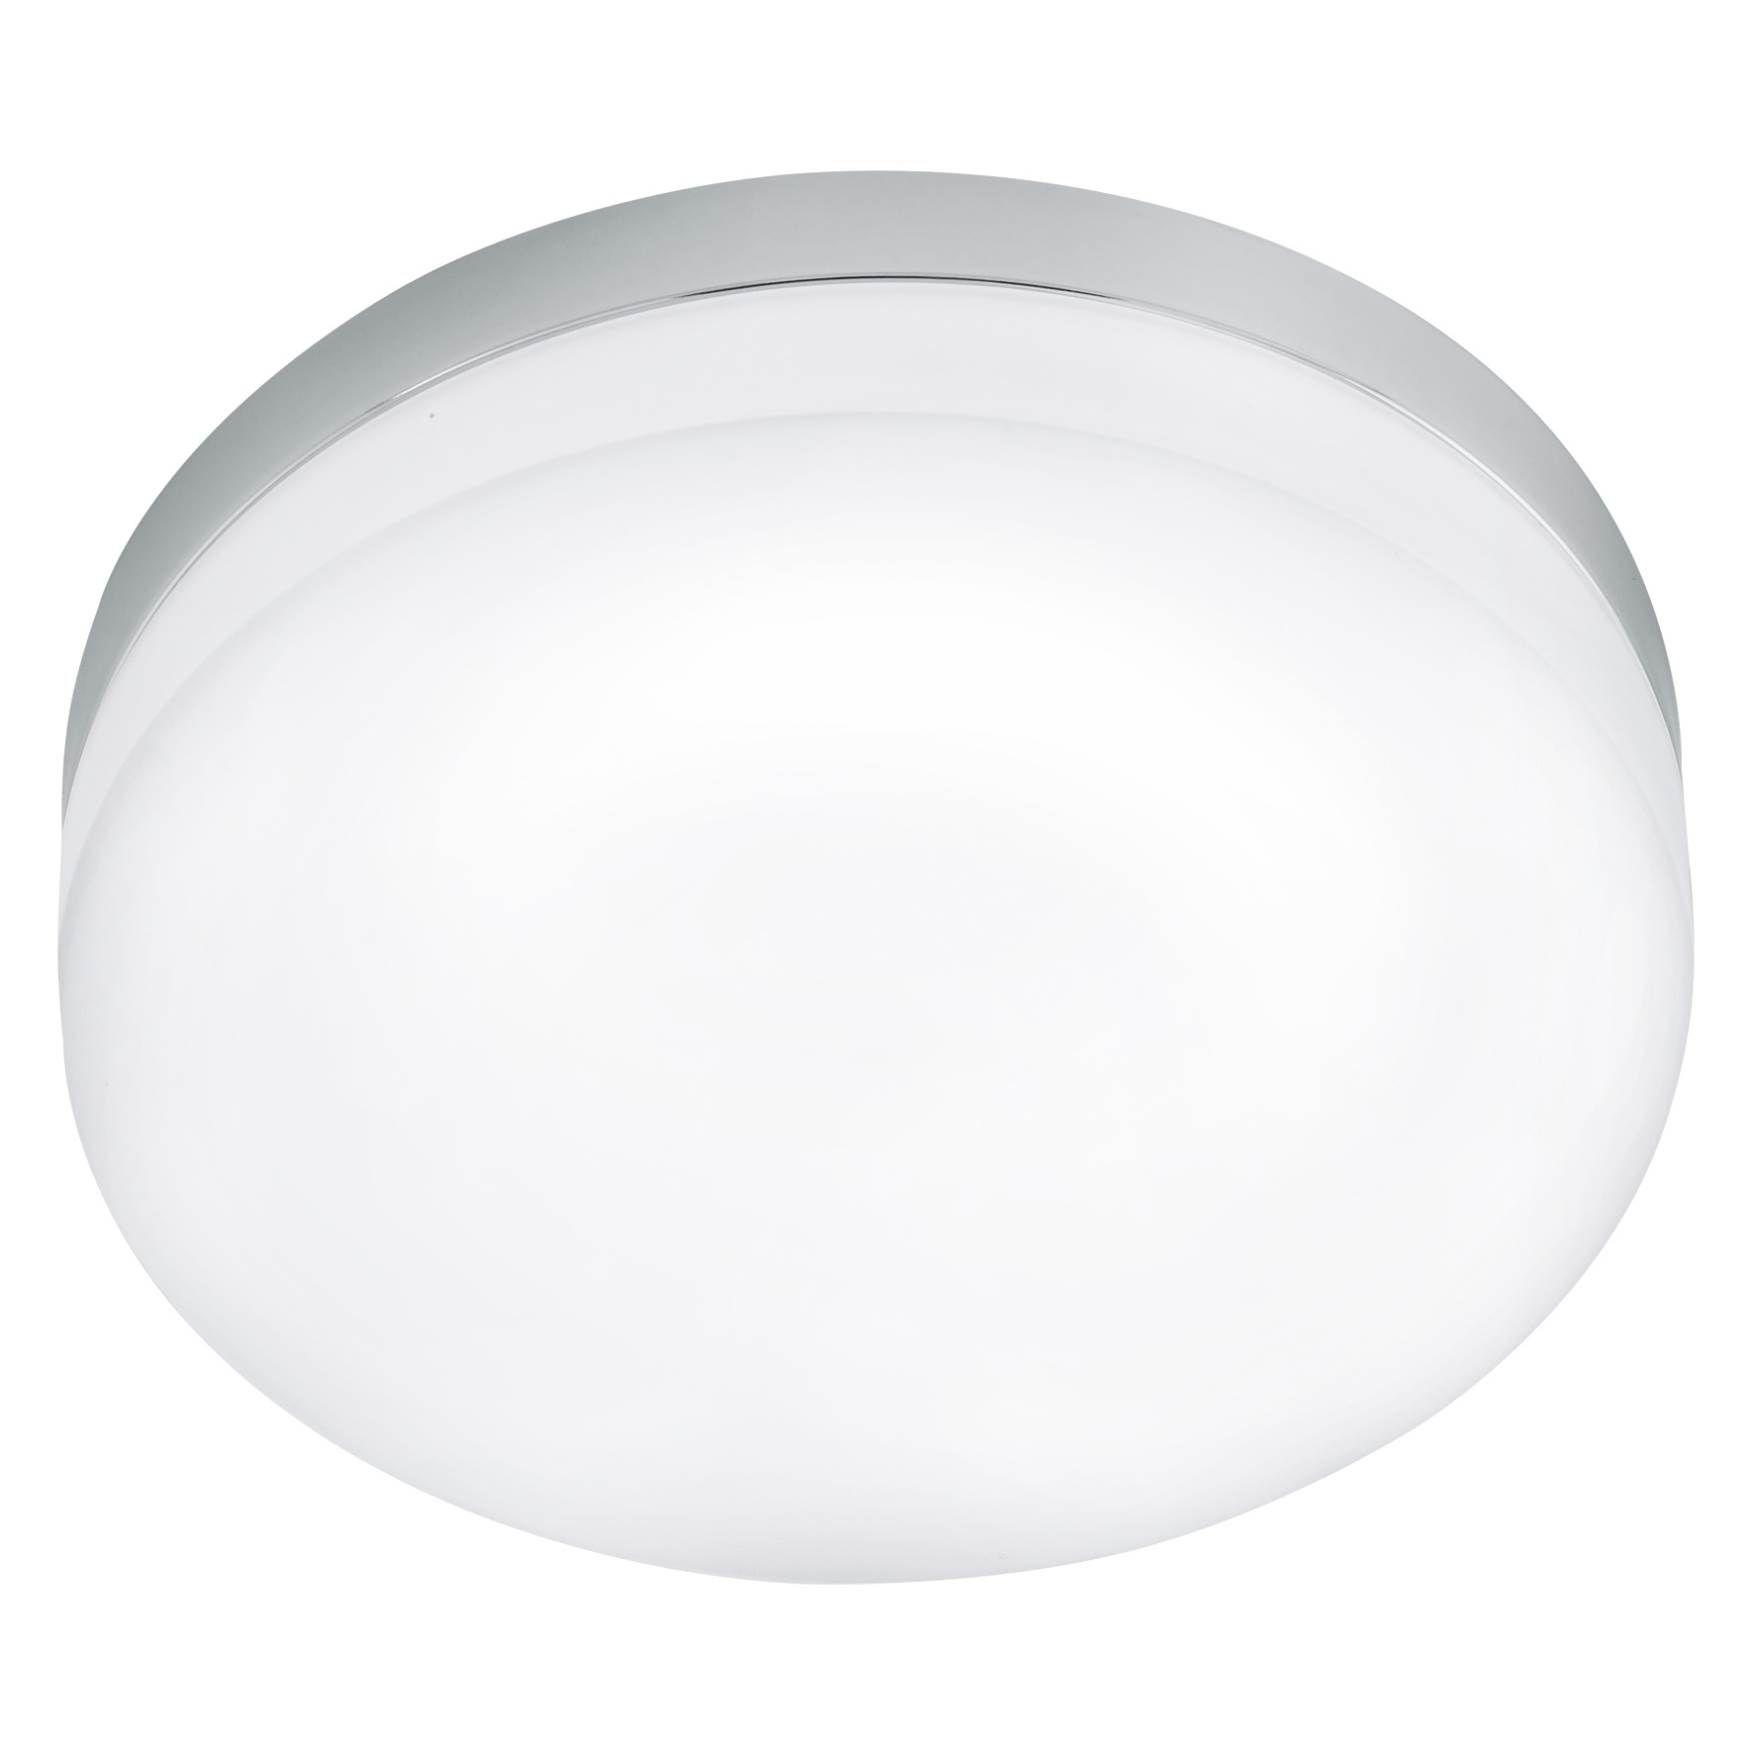 Led Lighting For Bathroom Ceilings